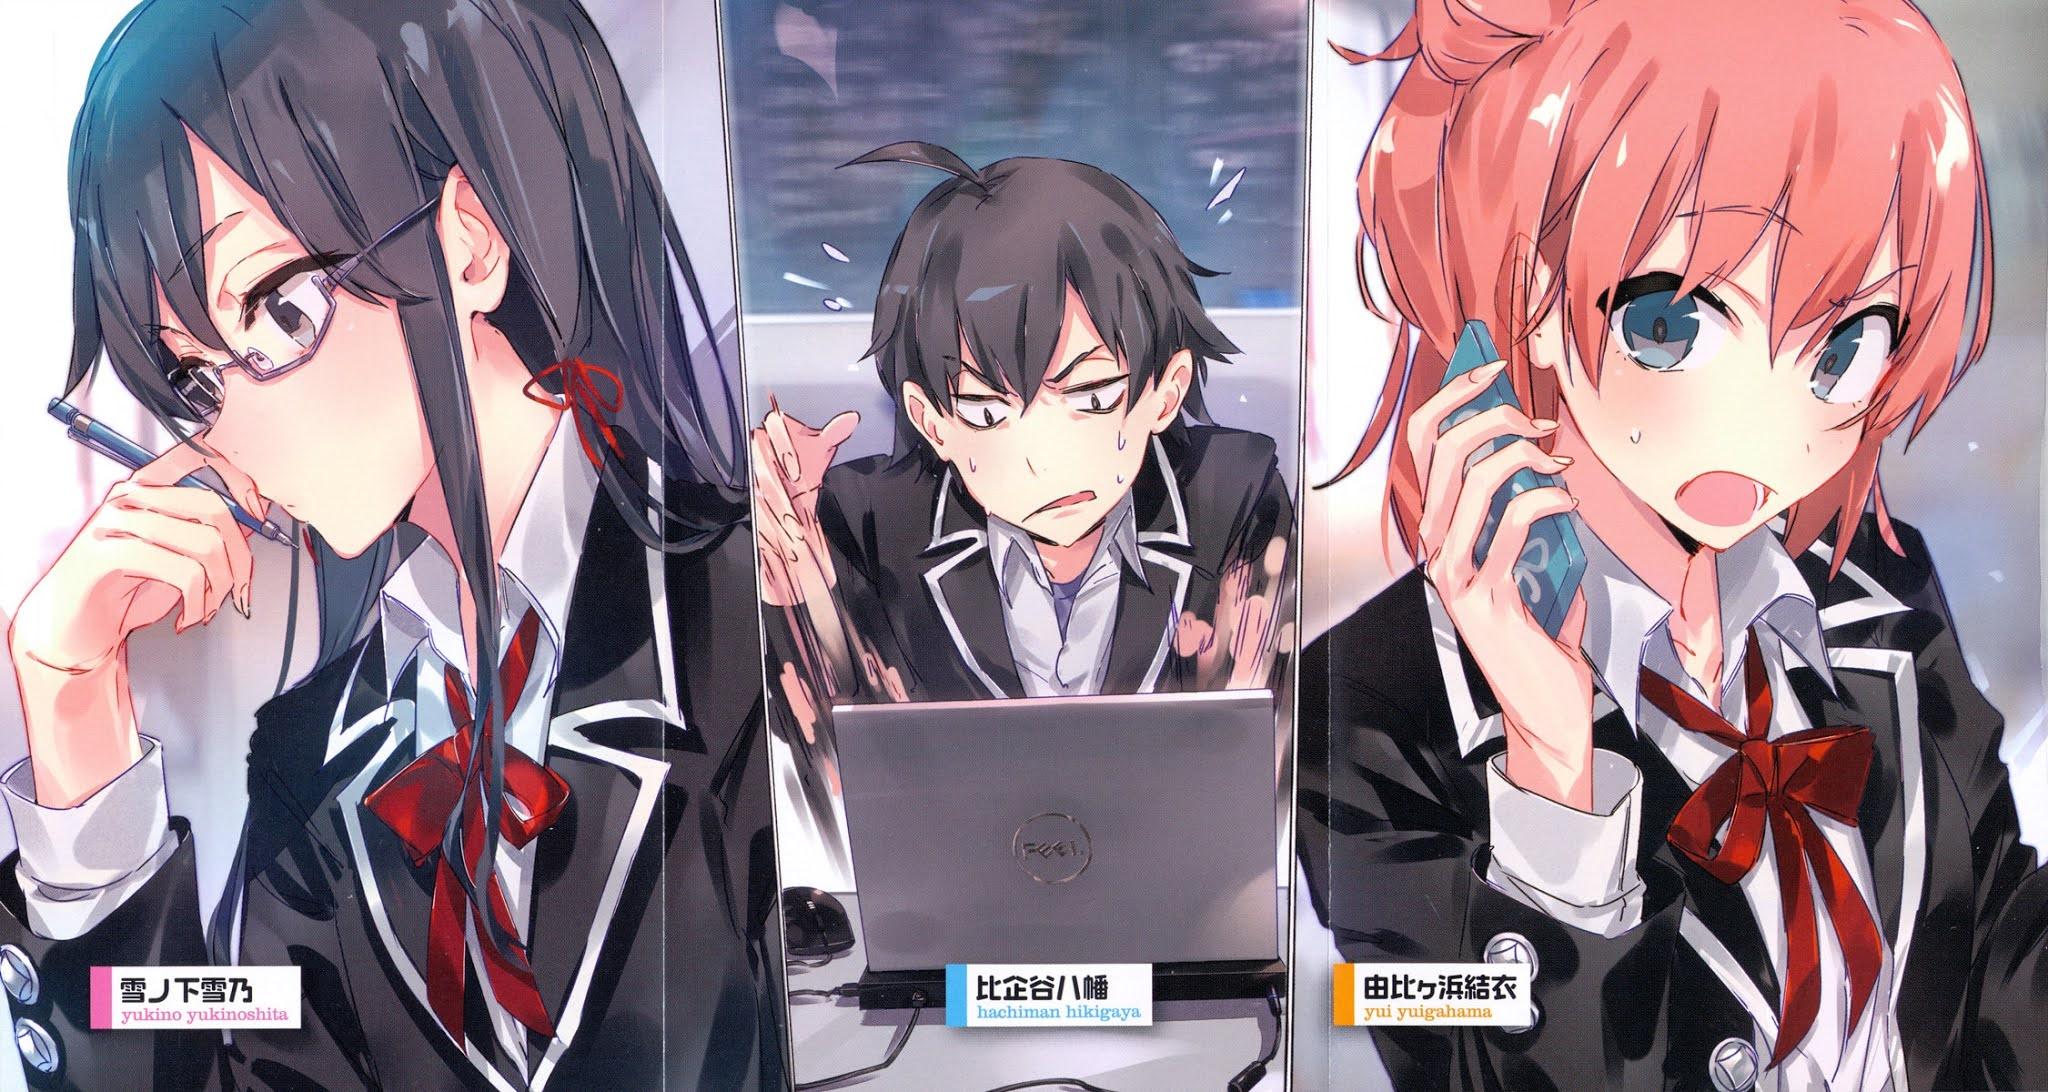 Yahari Ore no Seishun Love Comedy wa Machigatteiru wallpaper